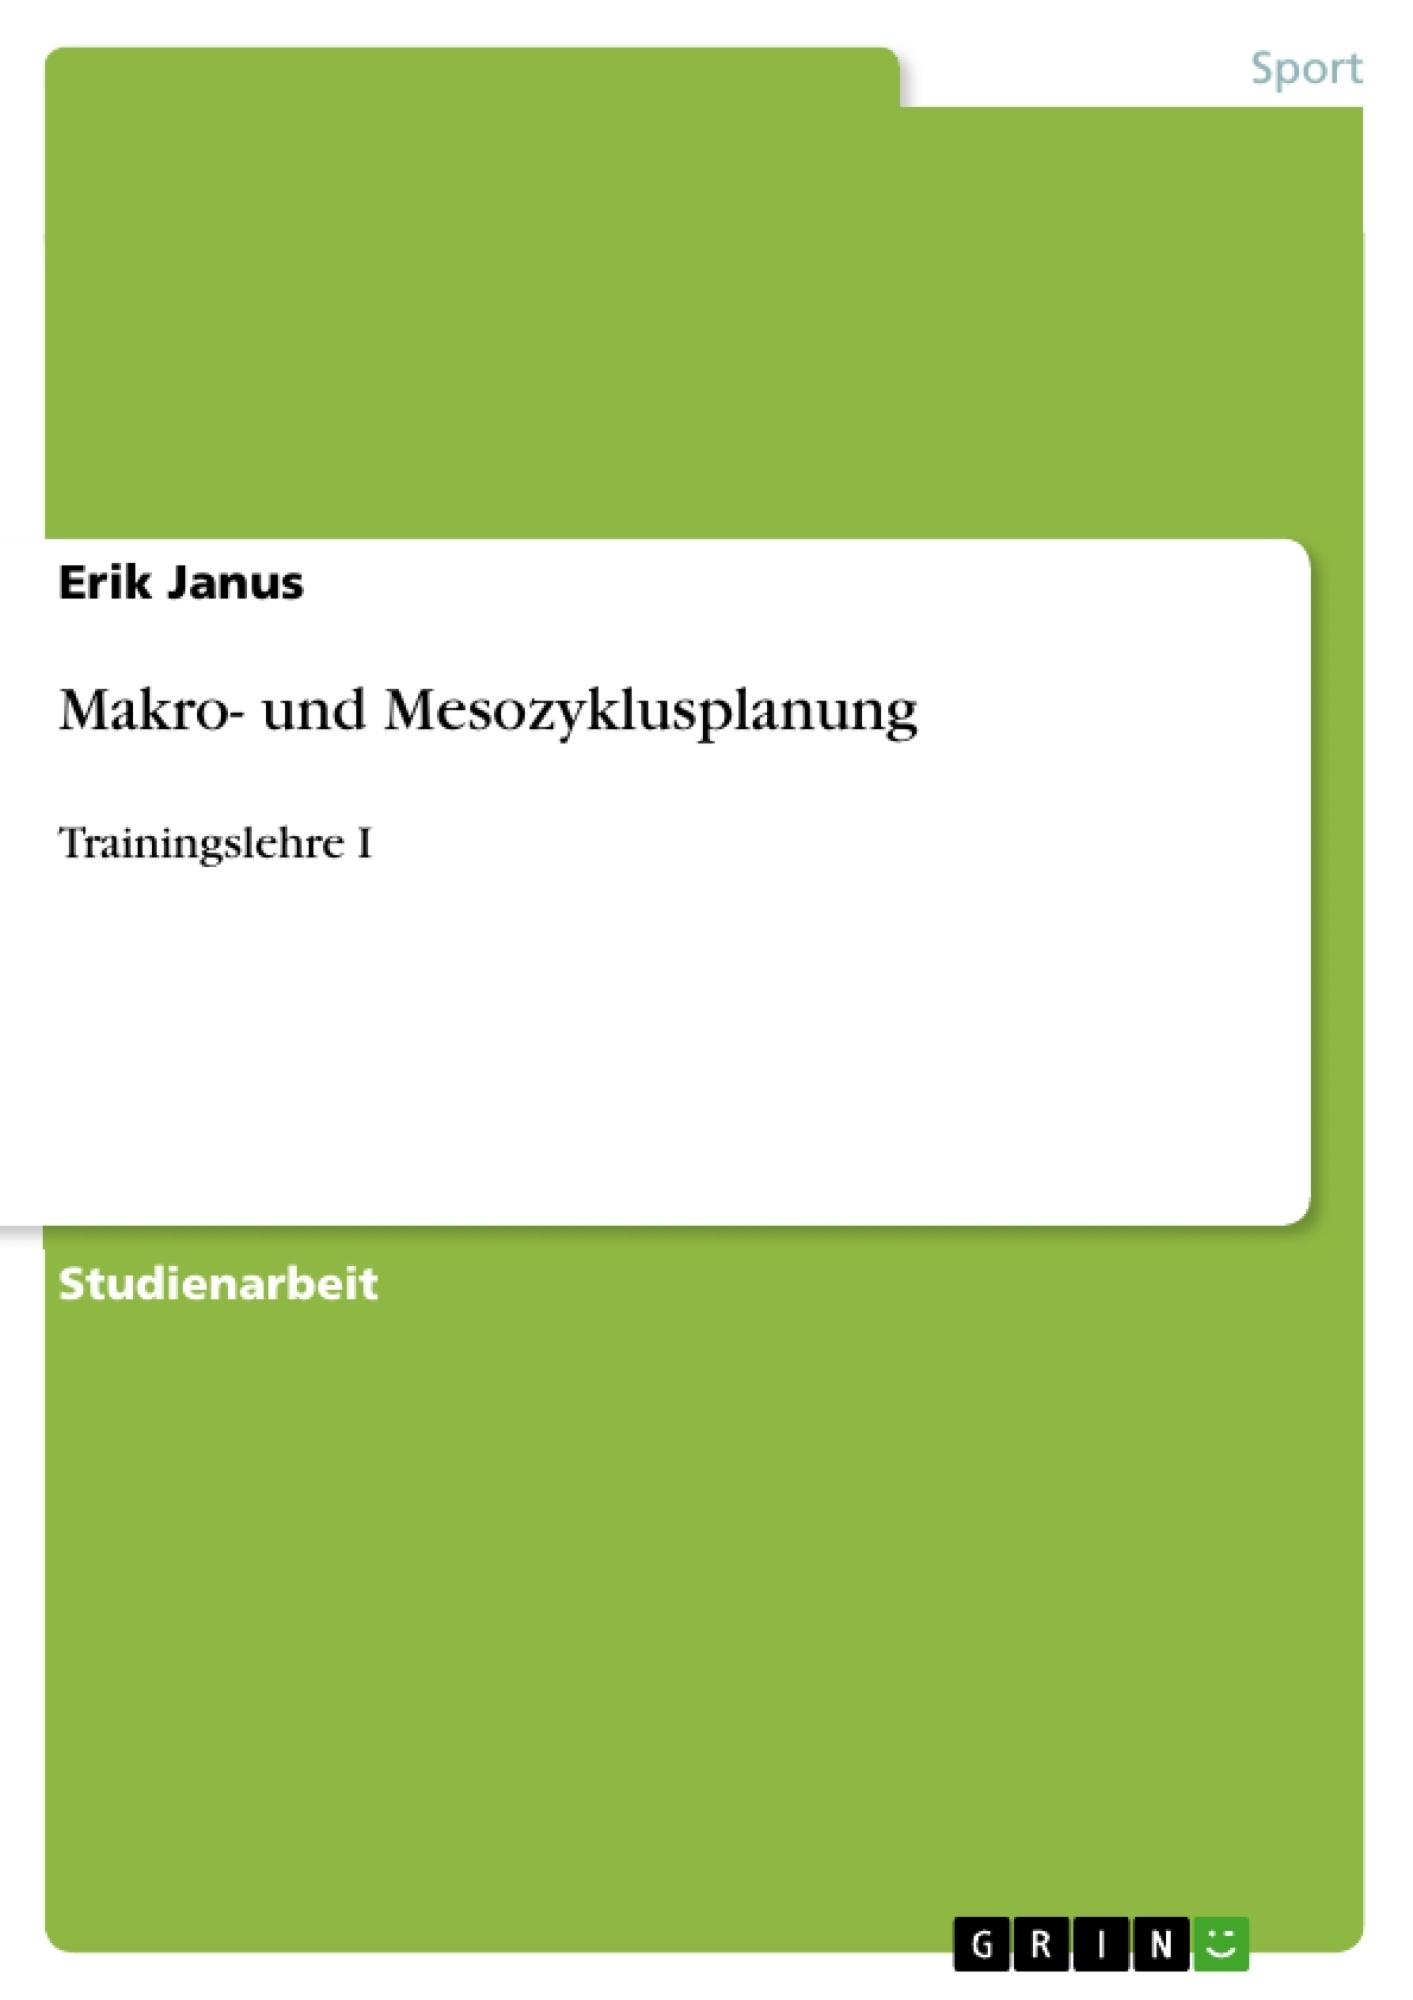 Titel: Makro- und Mesozyklusplanung